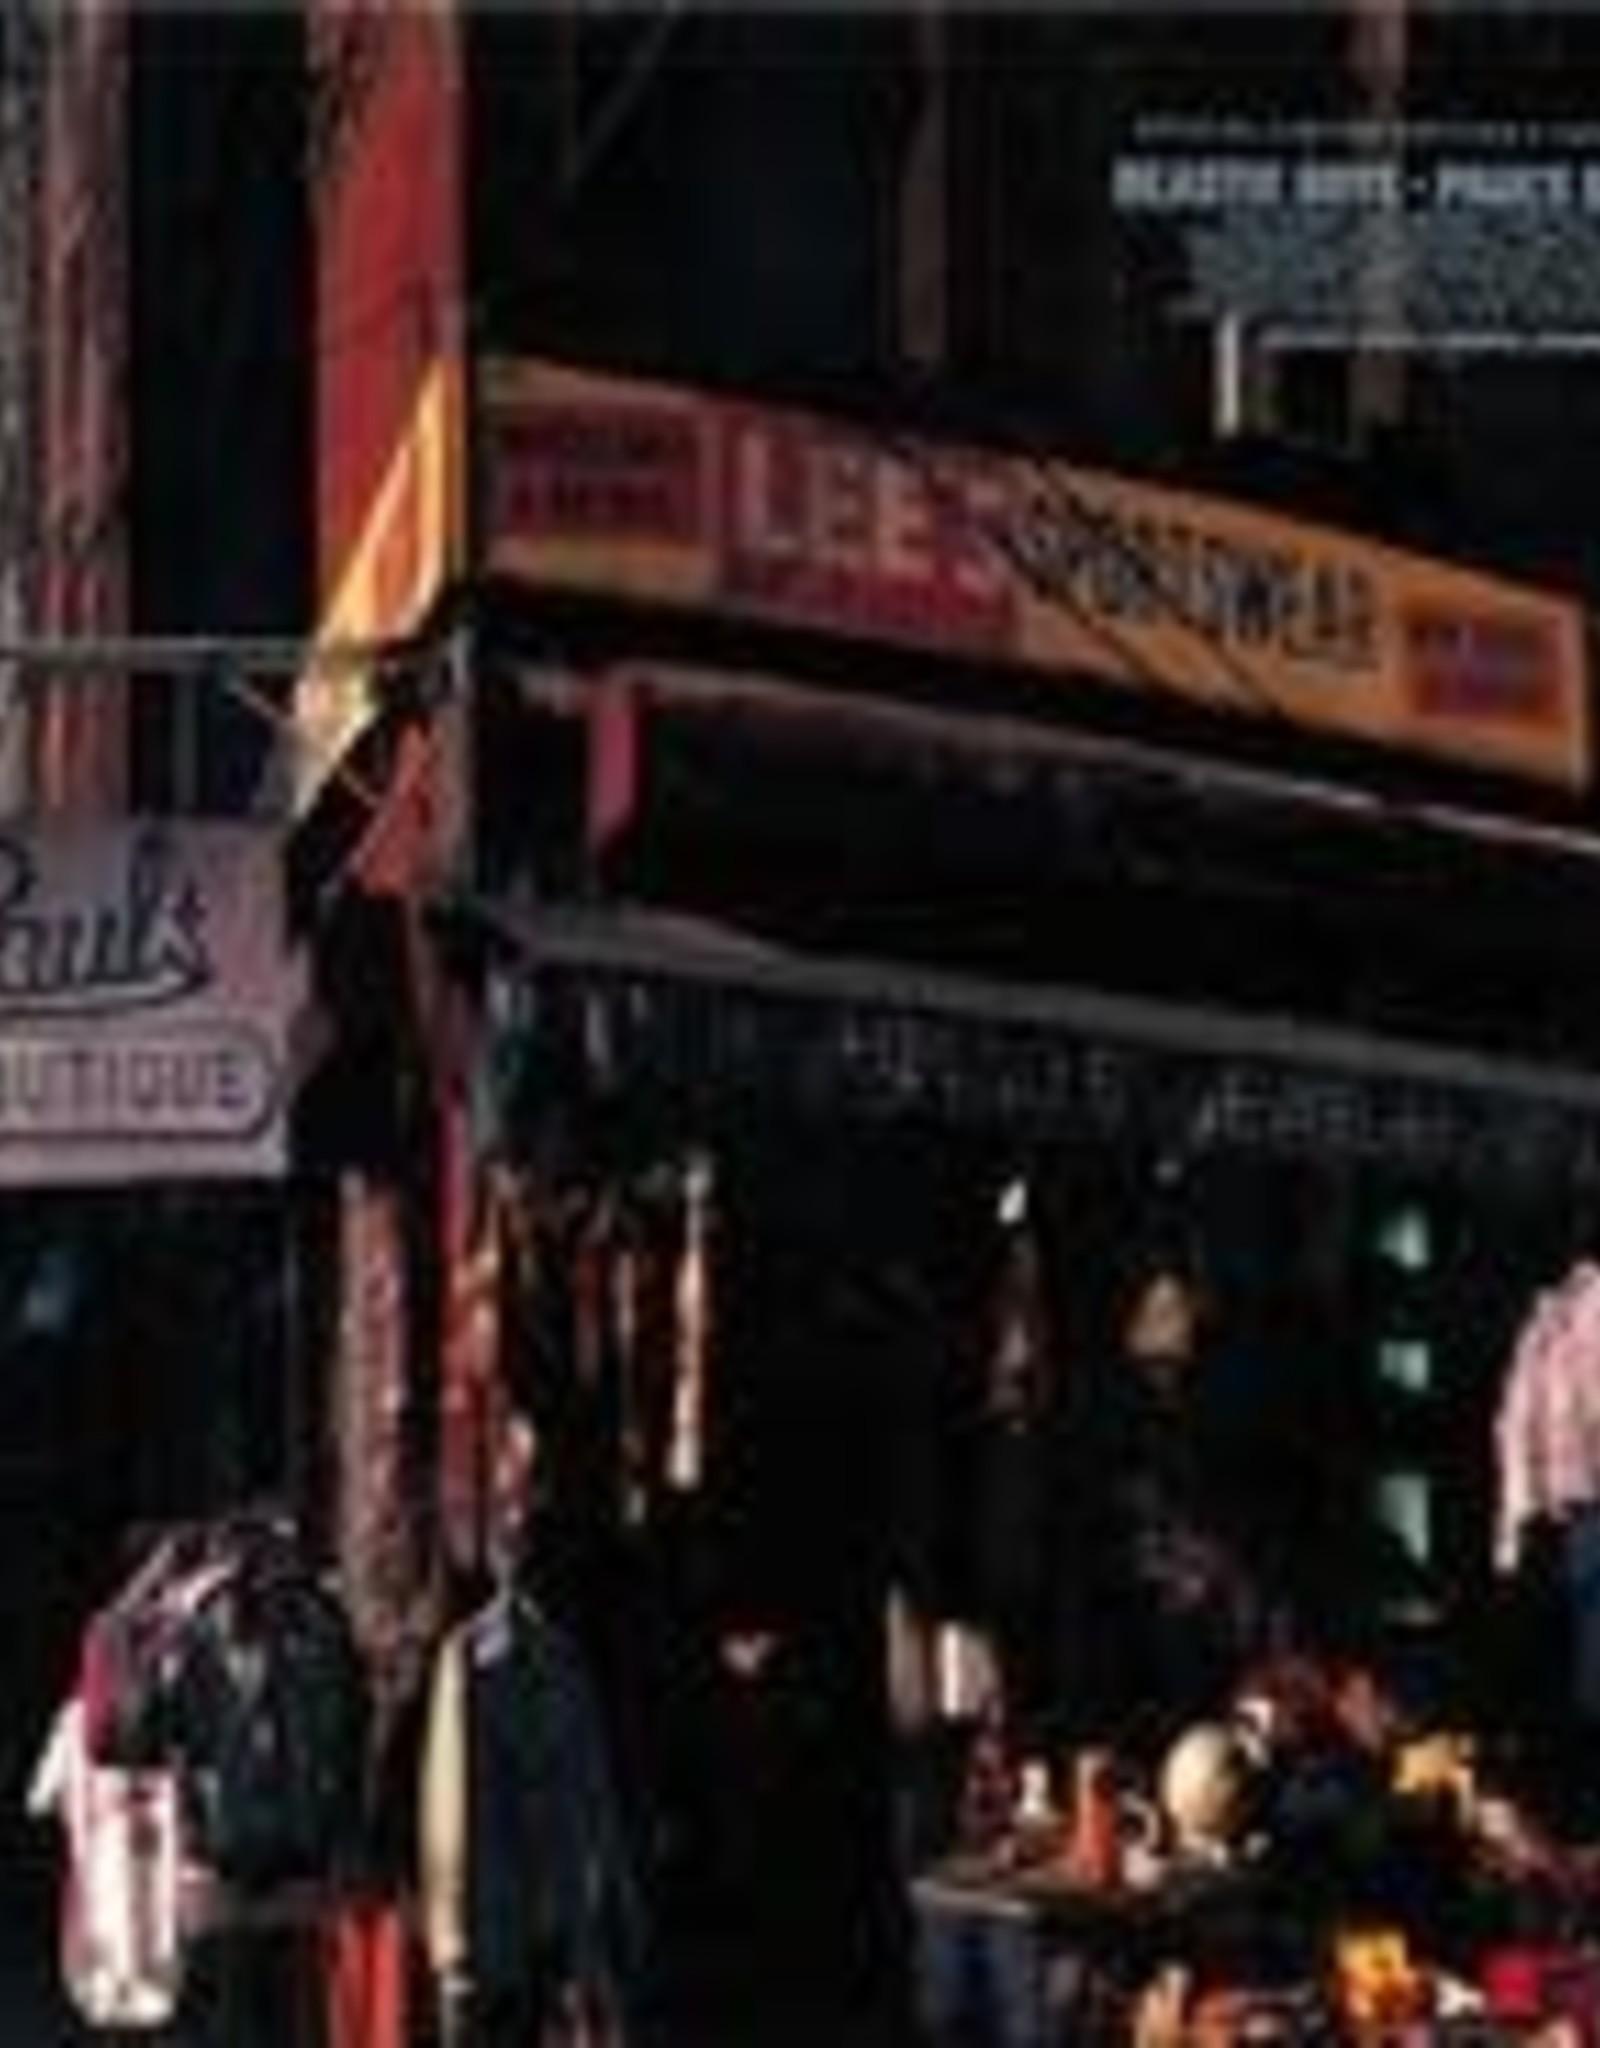 Beastie Boys - Paul'S Boutique (180G/2 Lp)(Translucent Purple Vinyl) (Pa) (I)